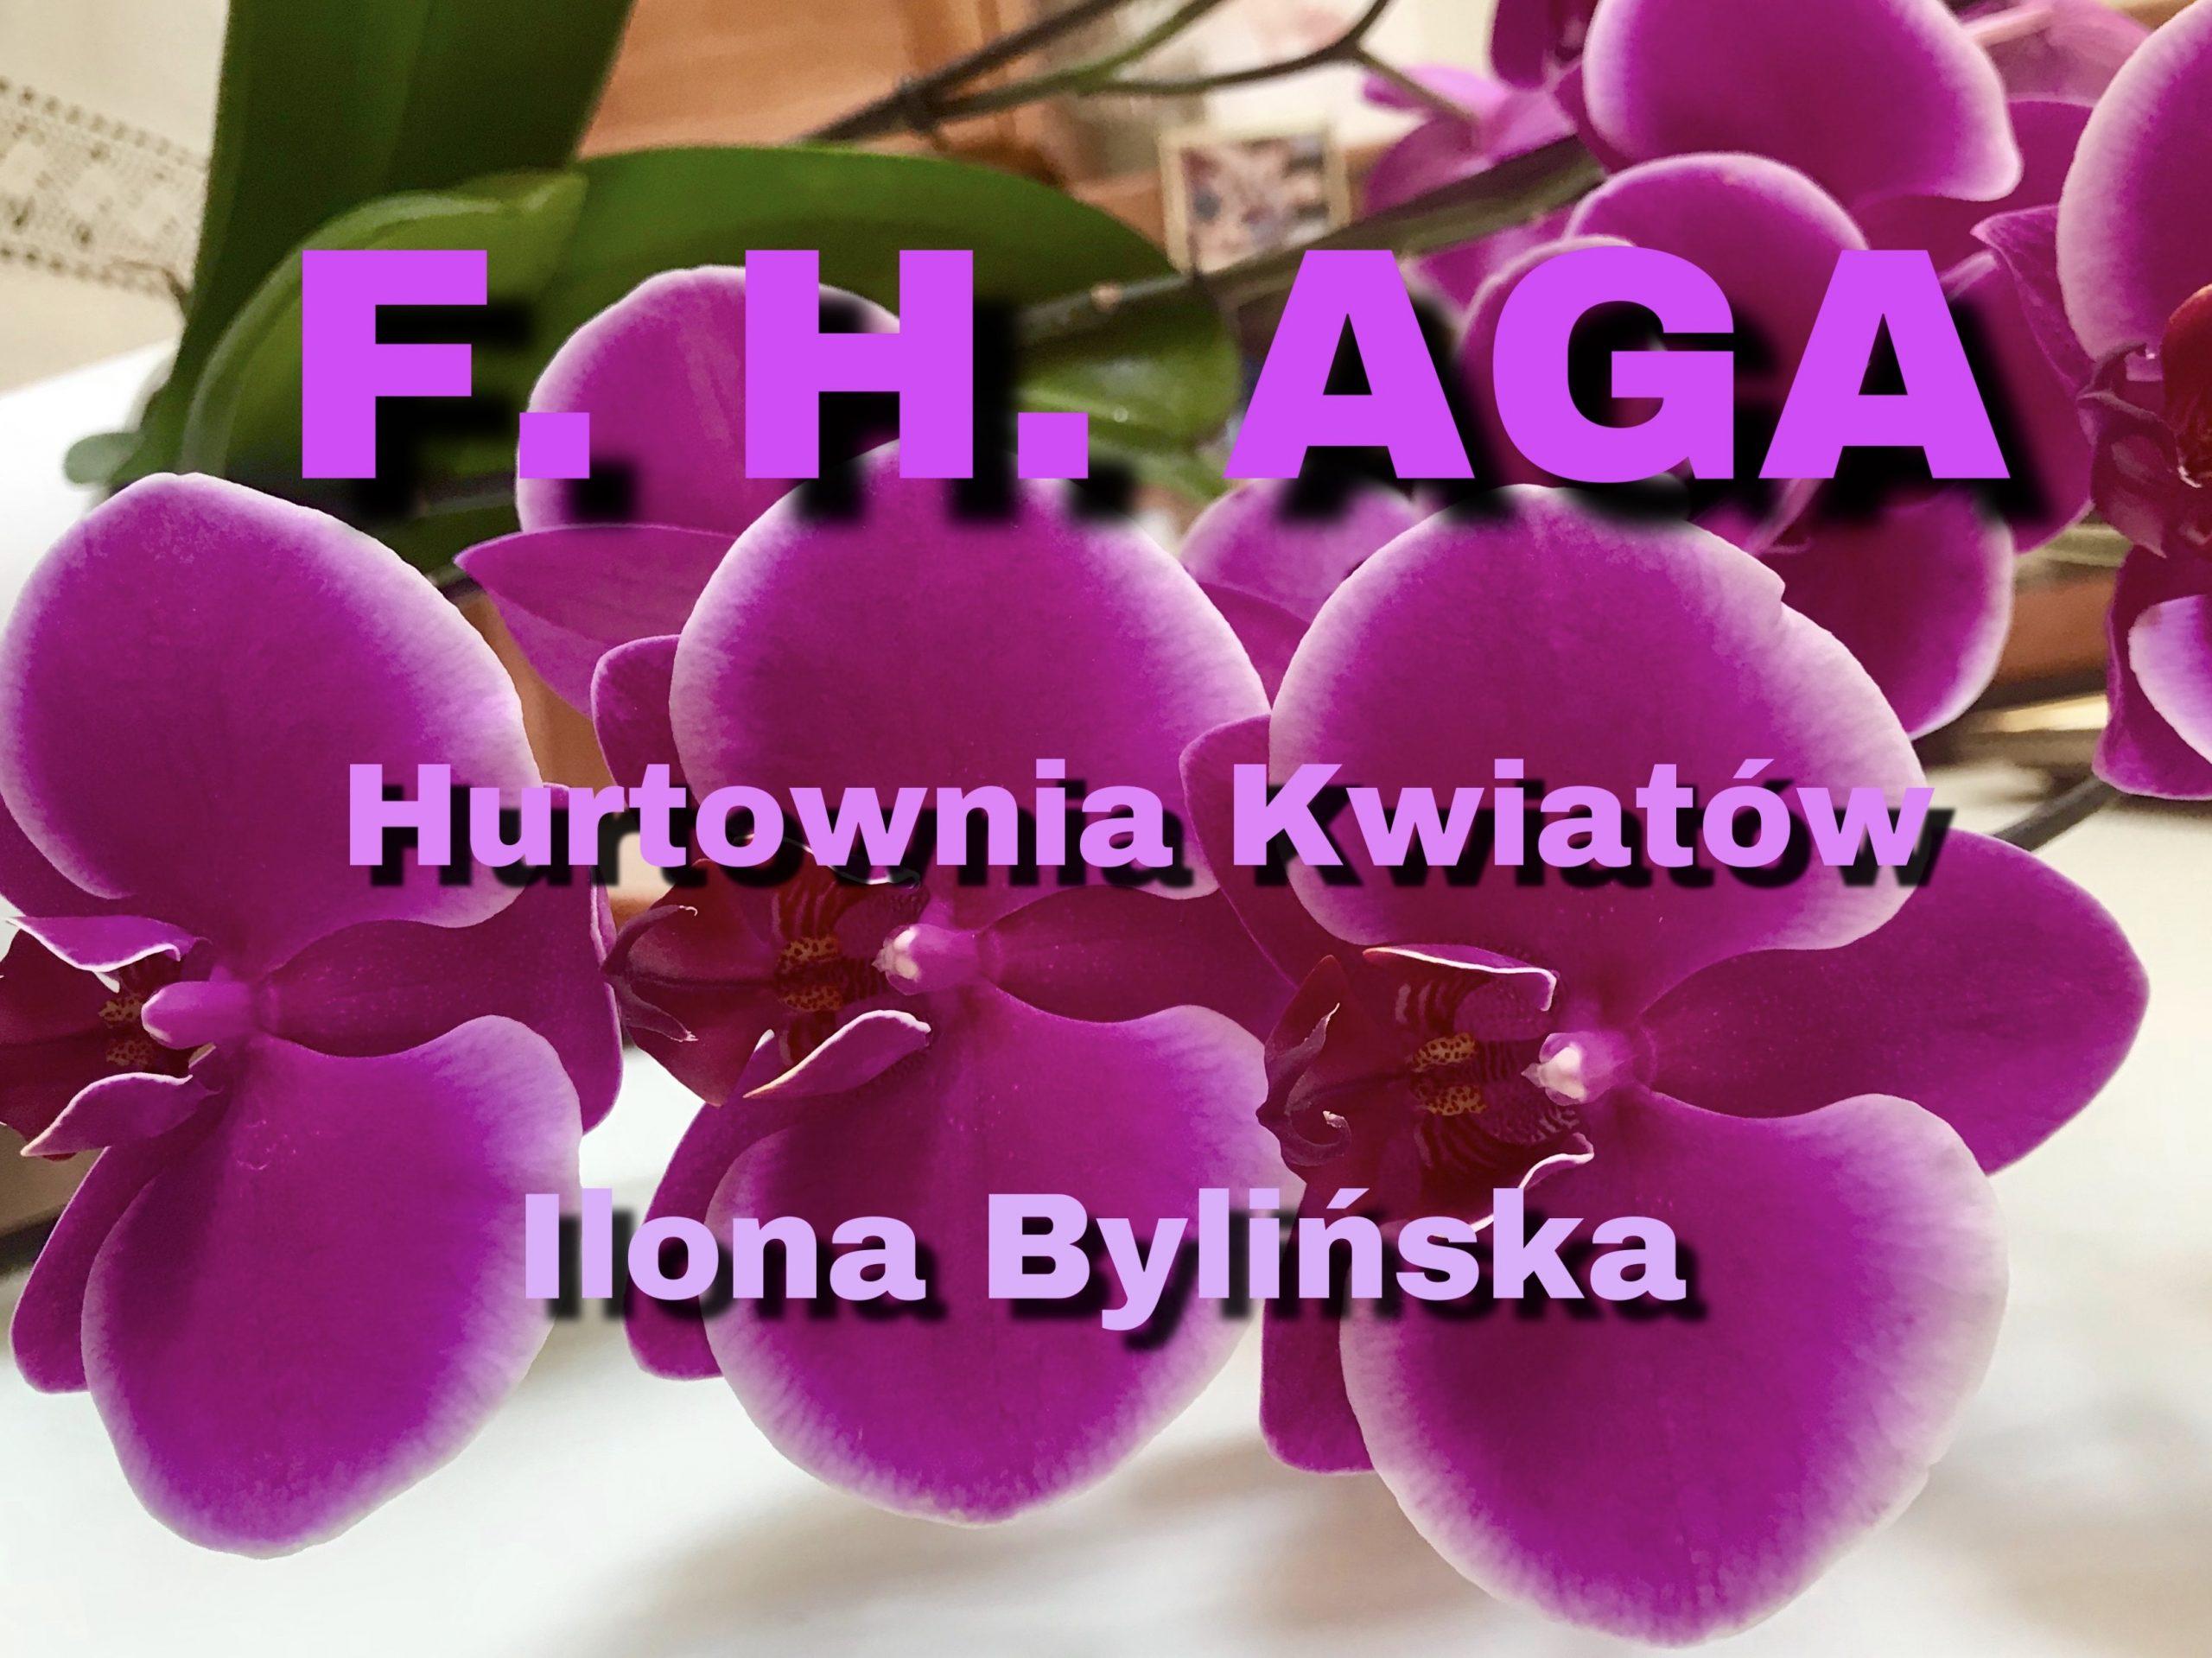 Kwiaty Aga